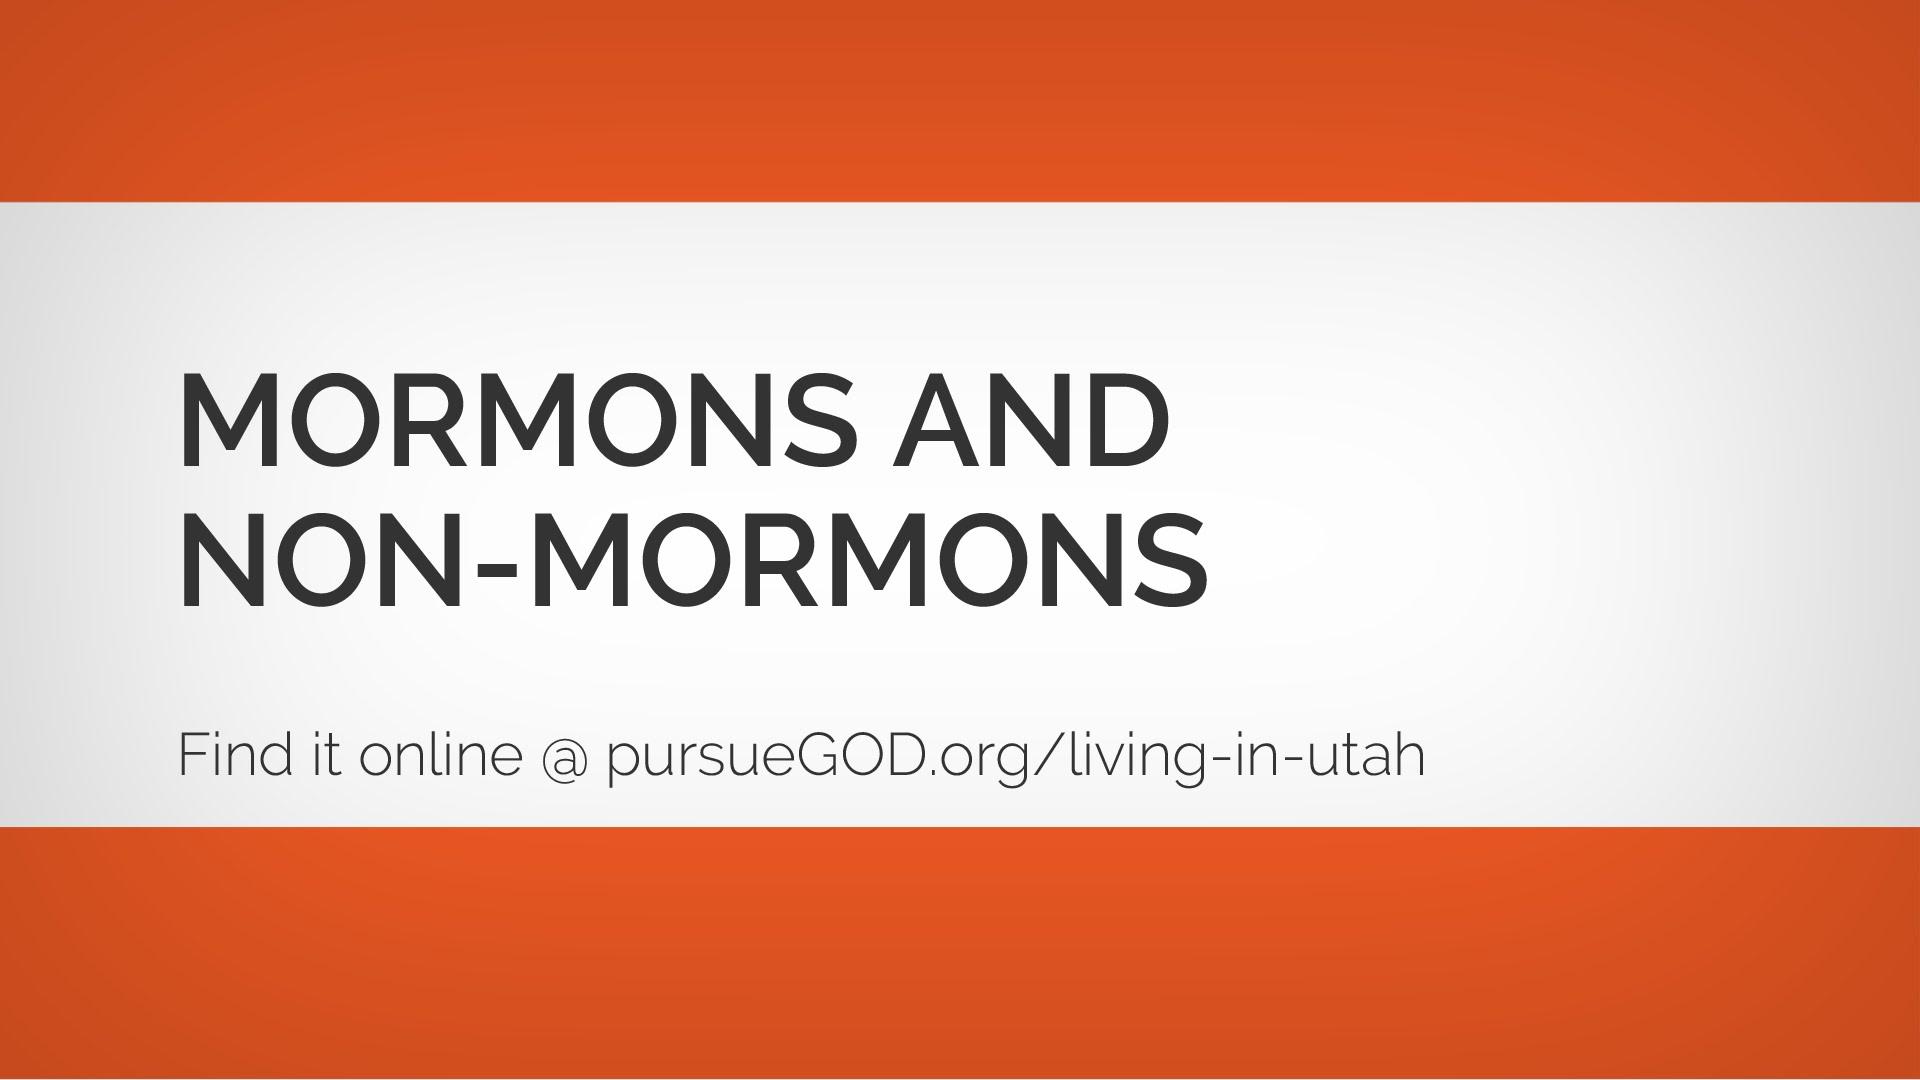 Mormons and Non-Mormons